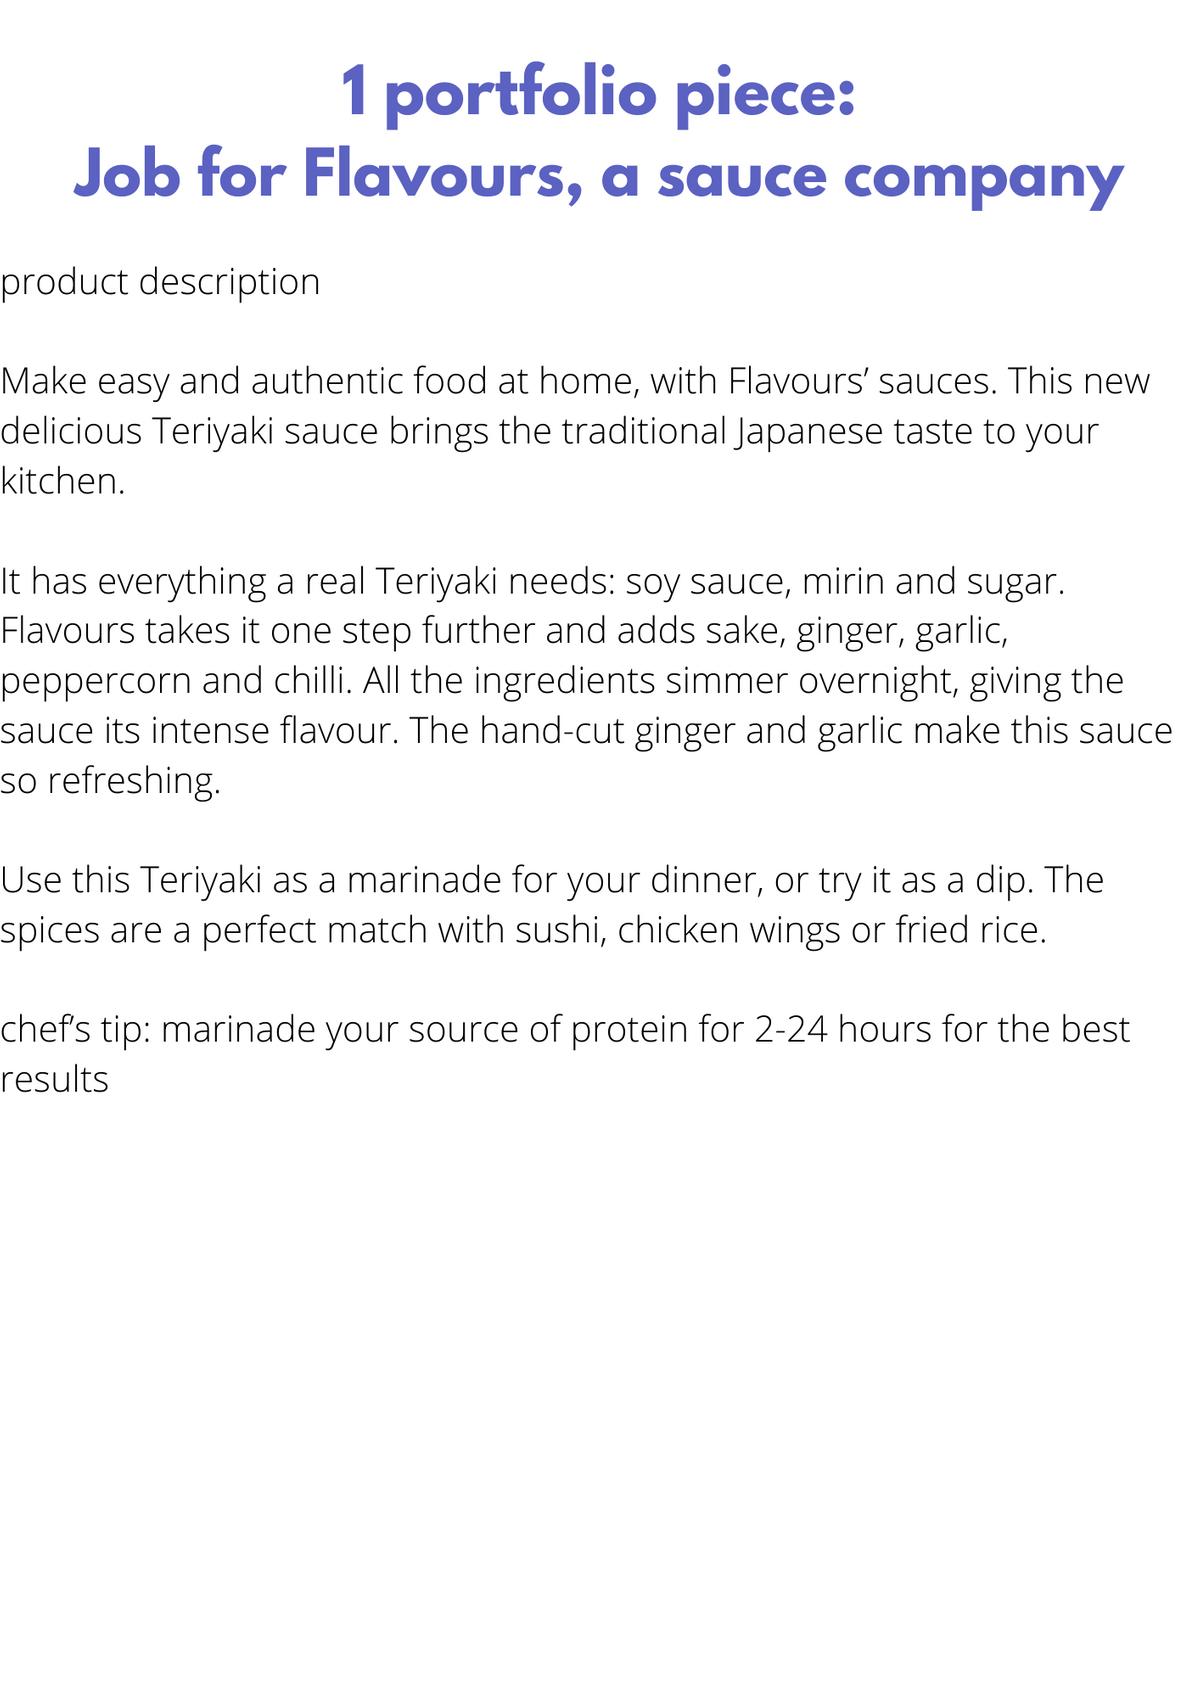 Product description for brand Flavours